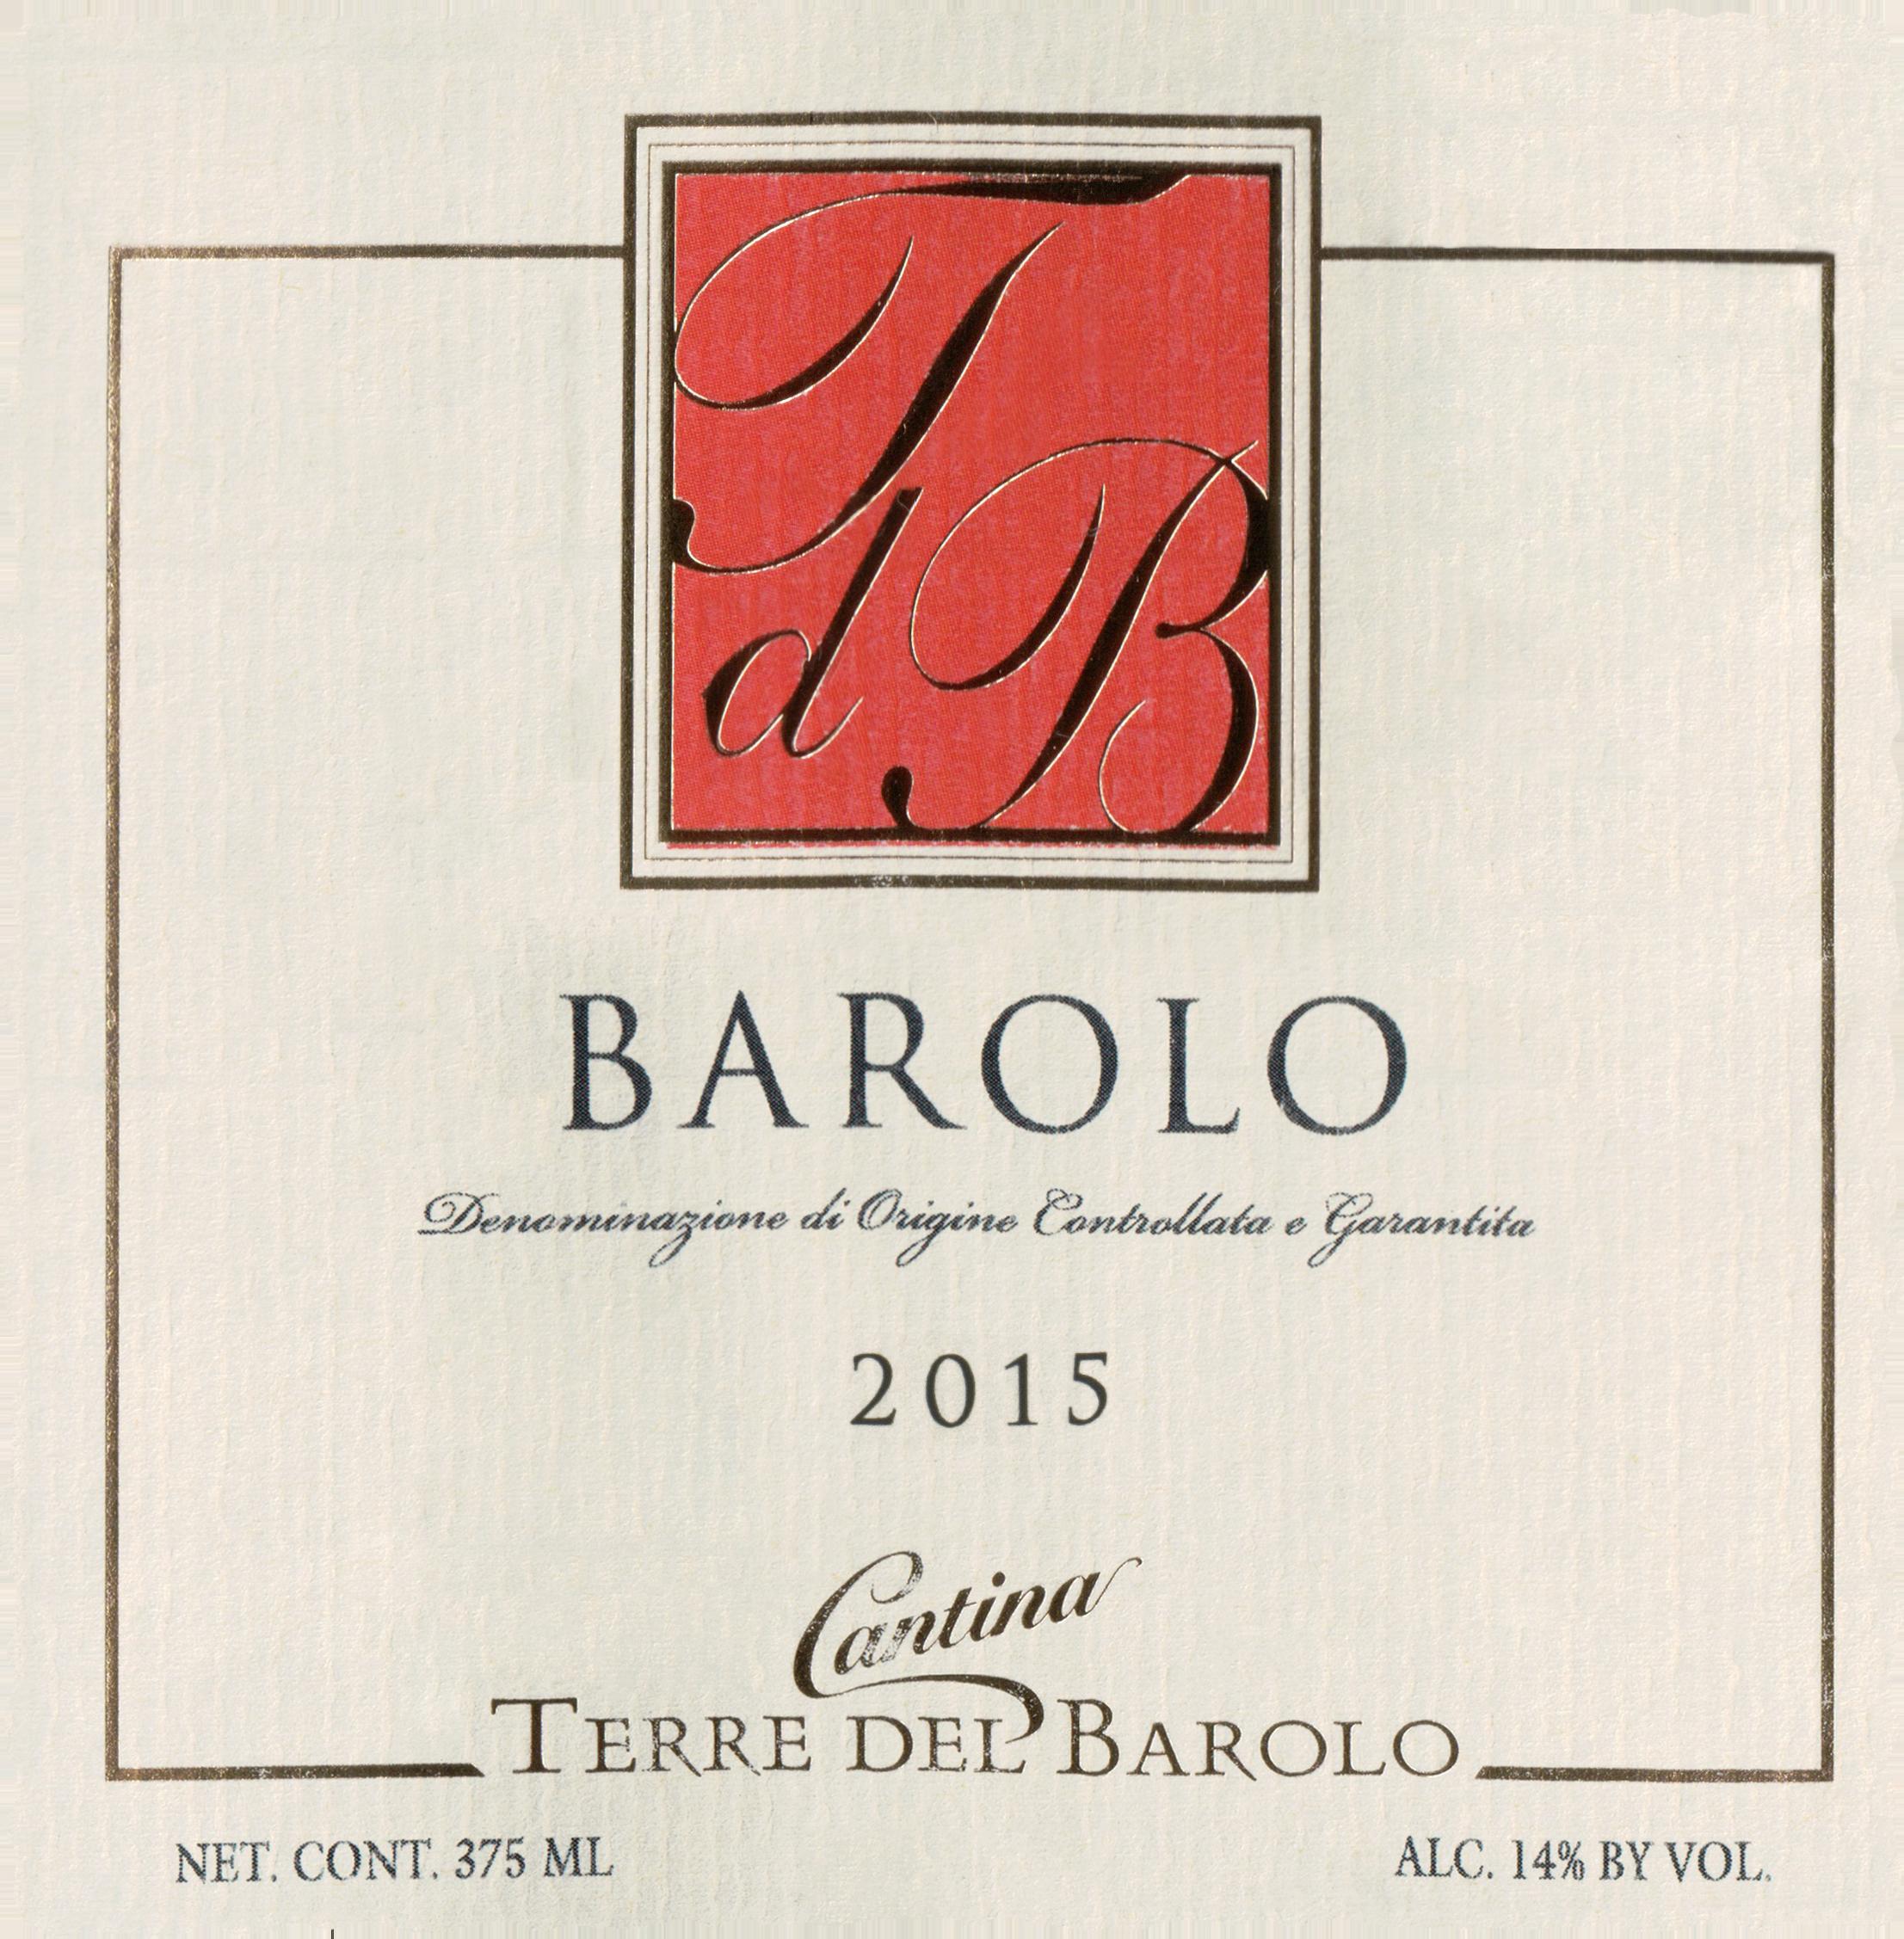 Terre Del Barolo Barolo 2015